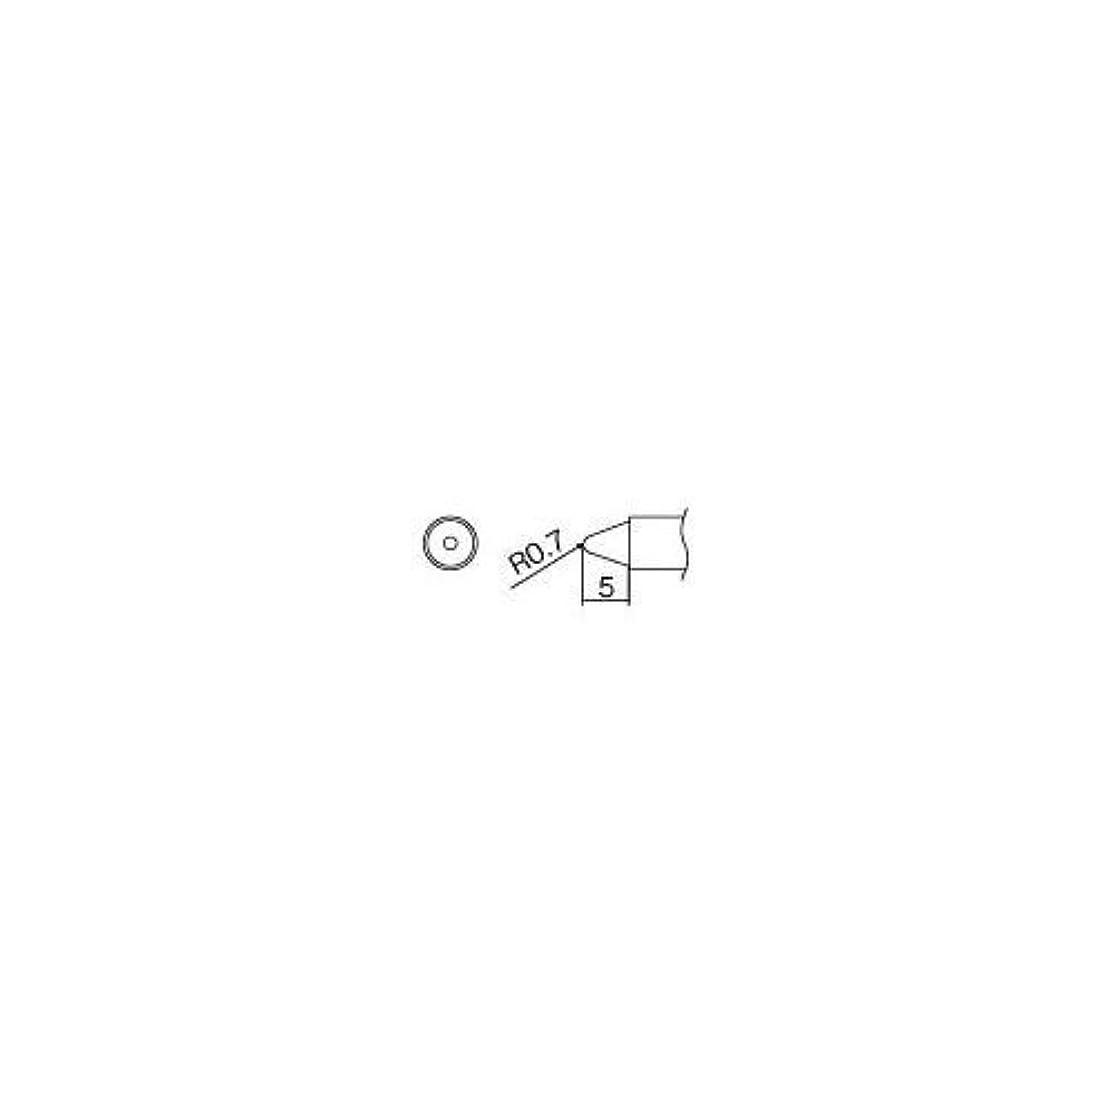 開梱以来合理的白光/白光 こて先 0.7B型【T12-B3】(2945835) [その他] [その他]